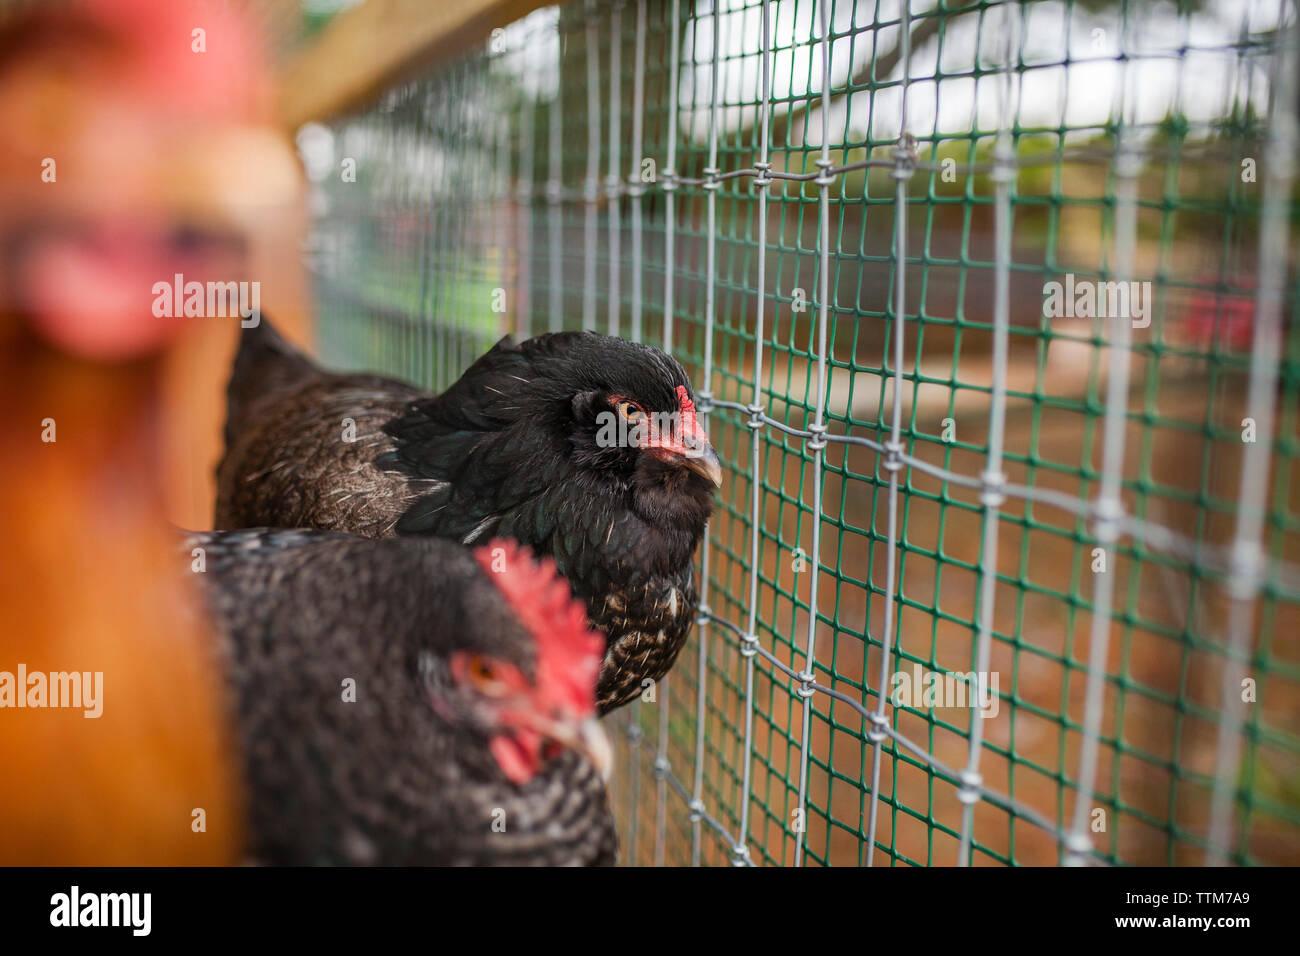 Black hens in chicken coop - Stock Image